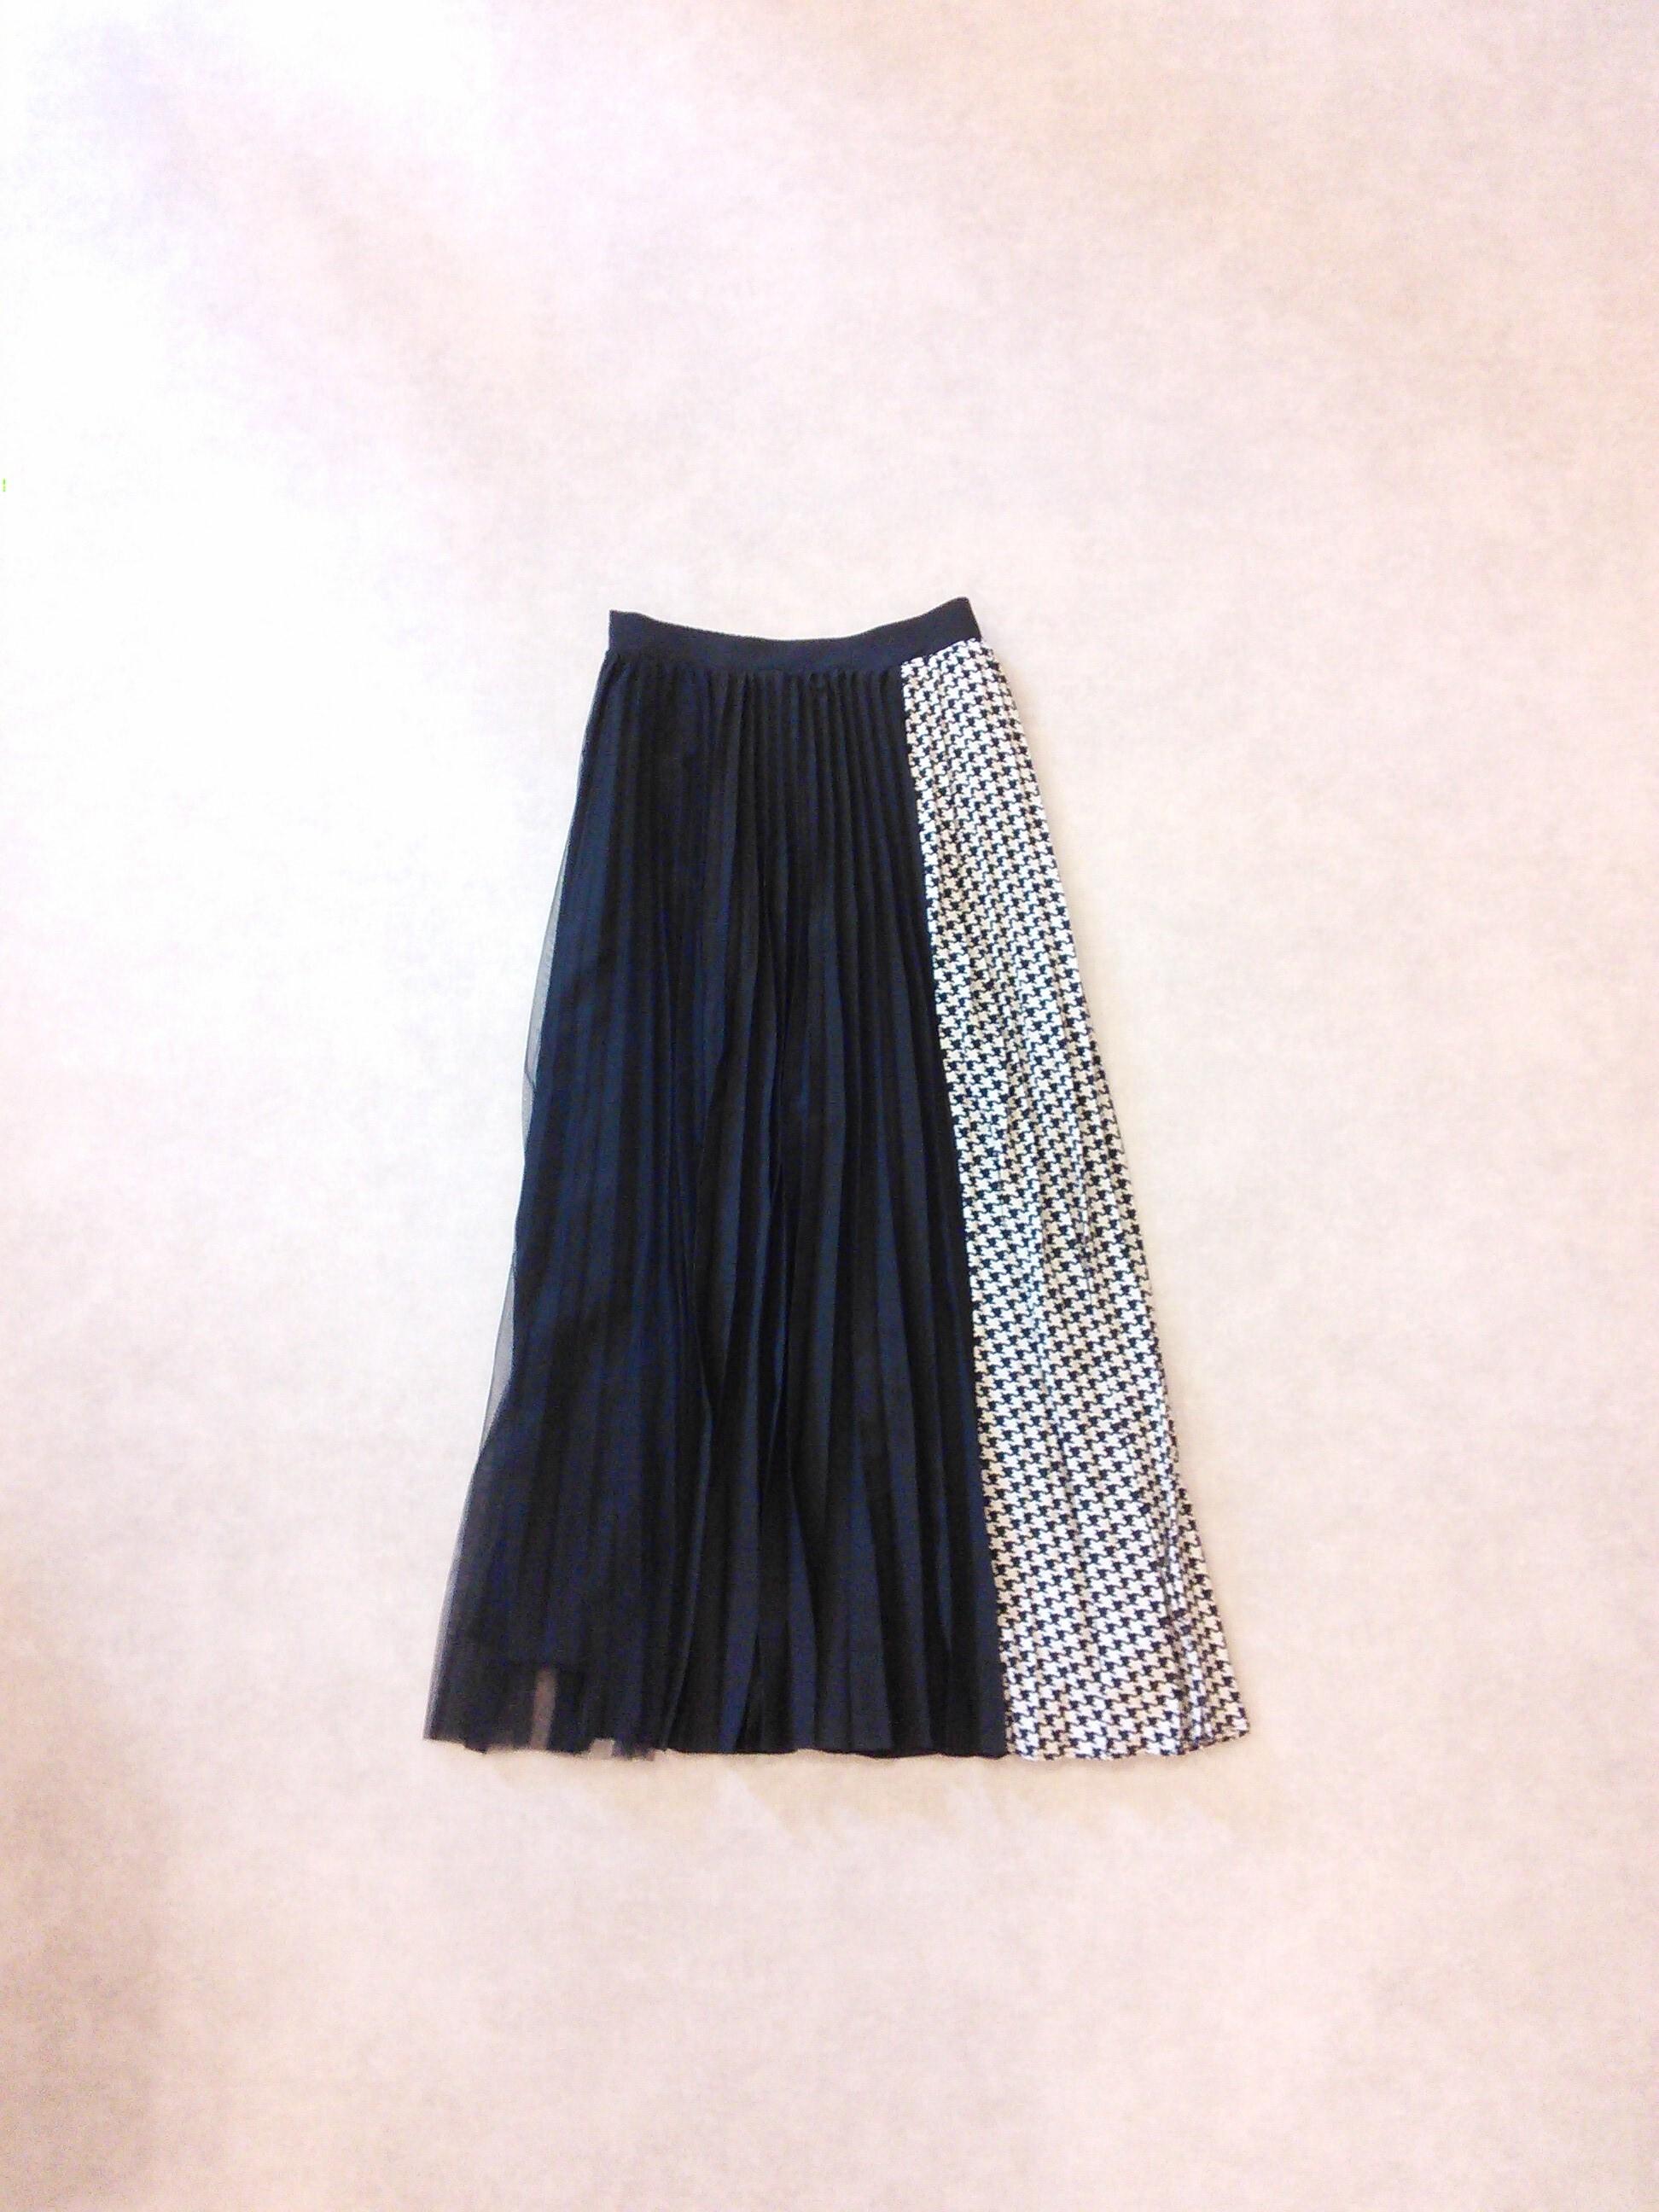 19211 千鳥格子チュール切り替えスカート